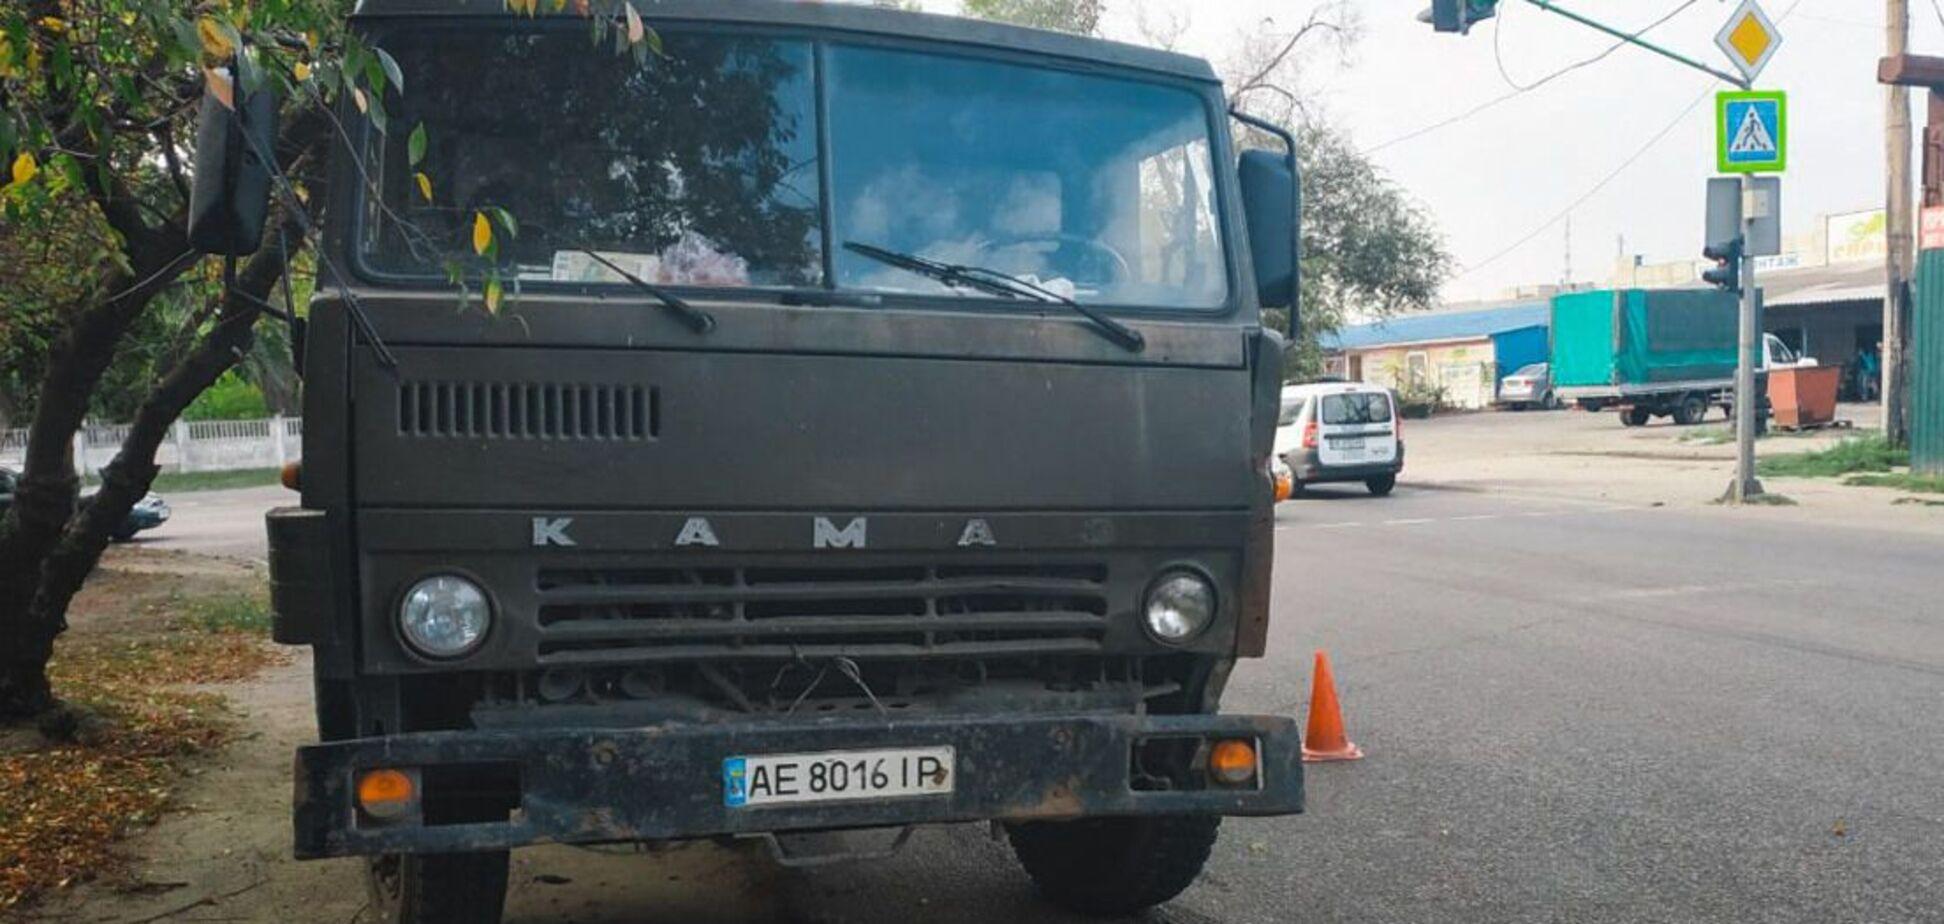 В Днепре грузовик сбил выскочившего на дорогу ребенка. Фото 18+